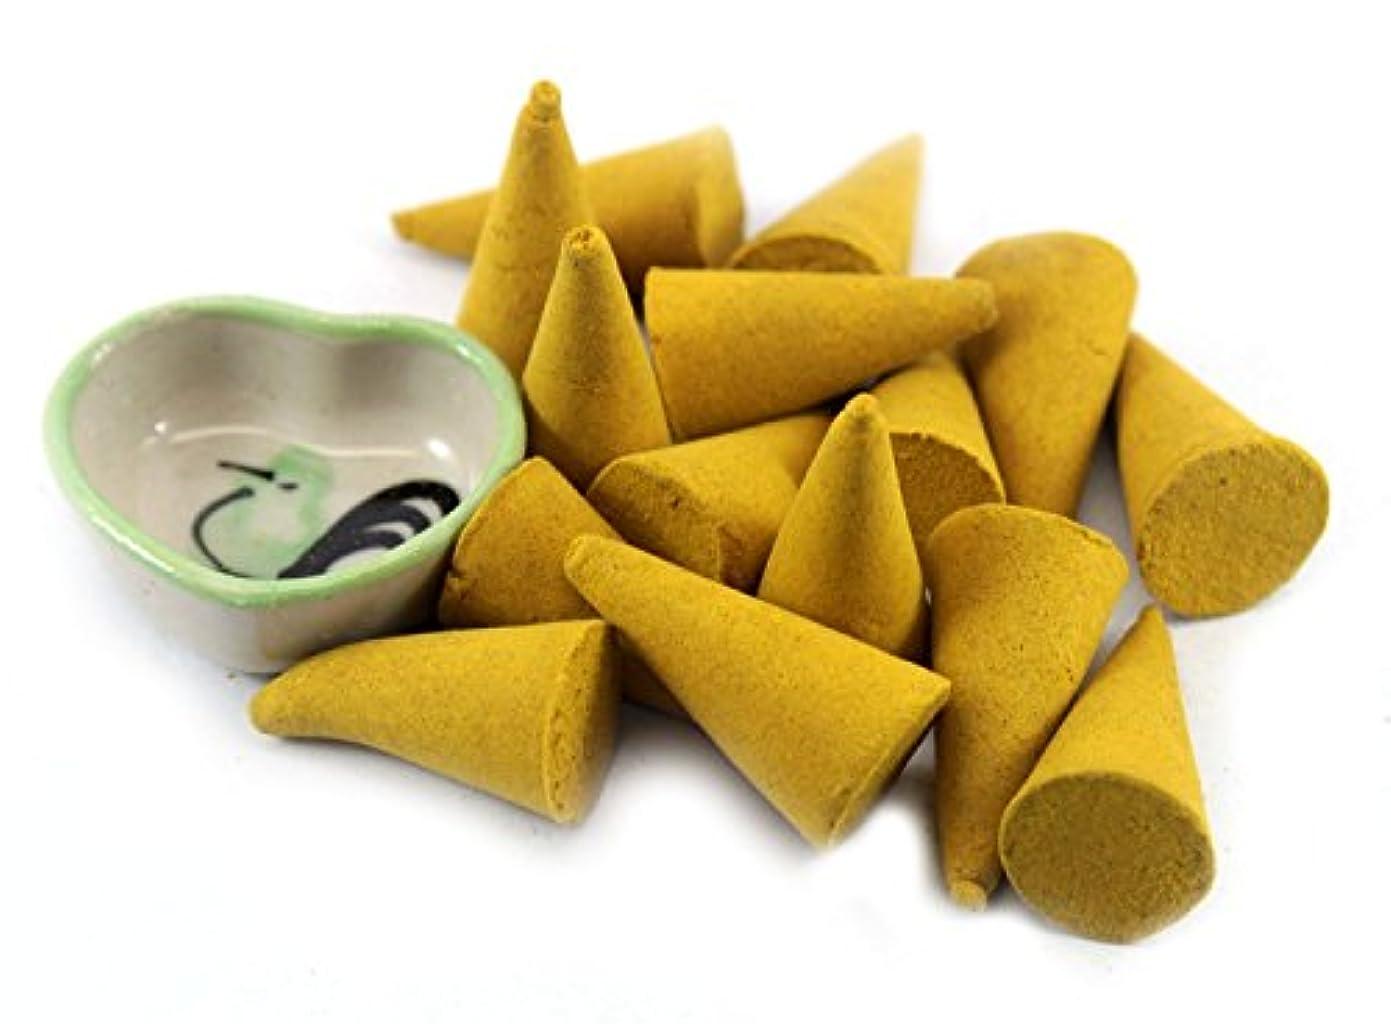 ユーモラス文法本体ChampakaフローラルIncense Cones with Burnerホルダー100ピースパックThaiEnjoy製品